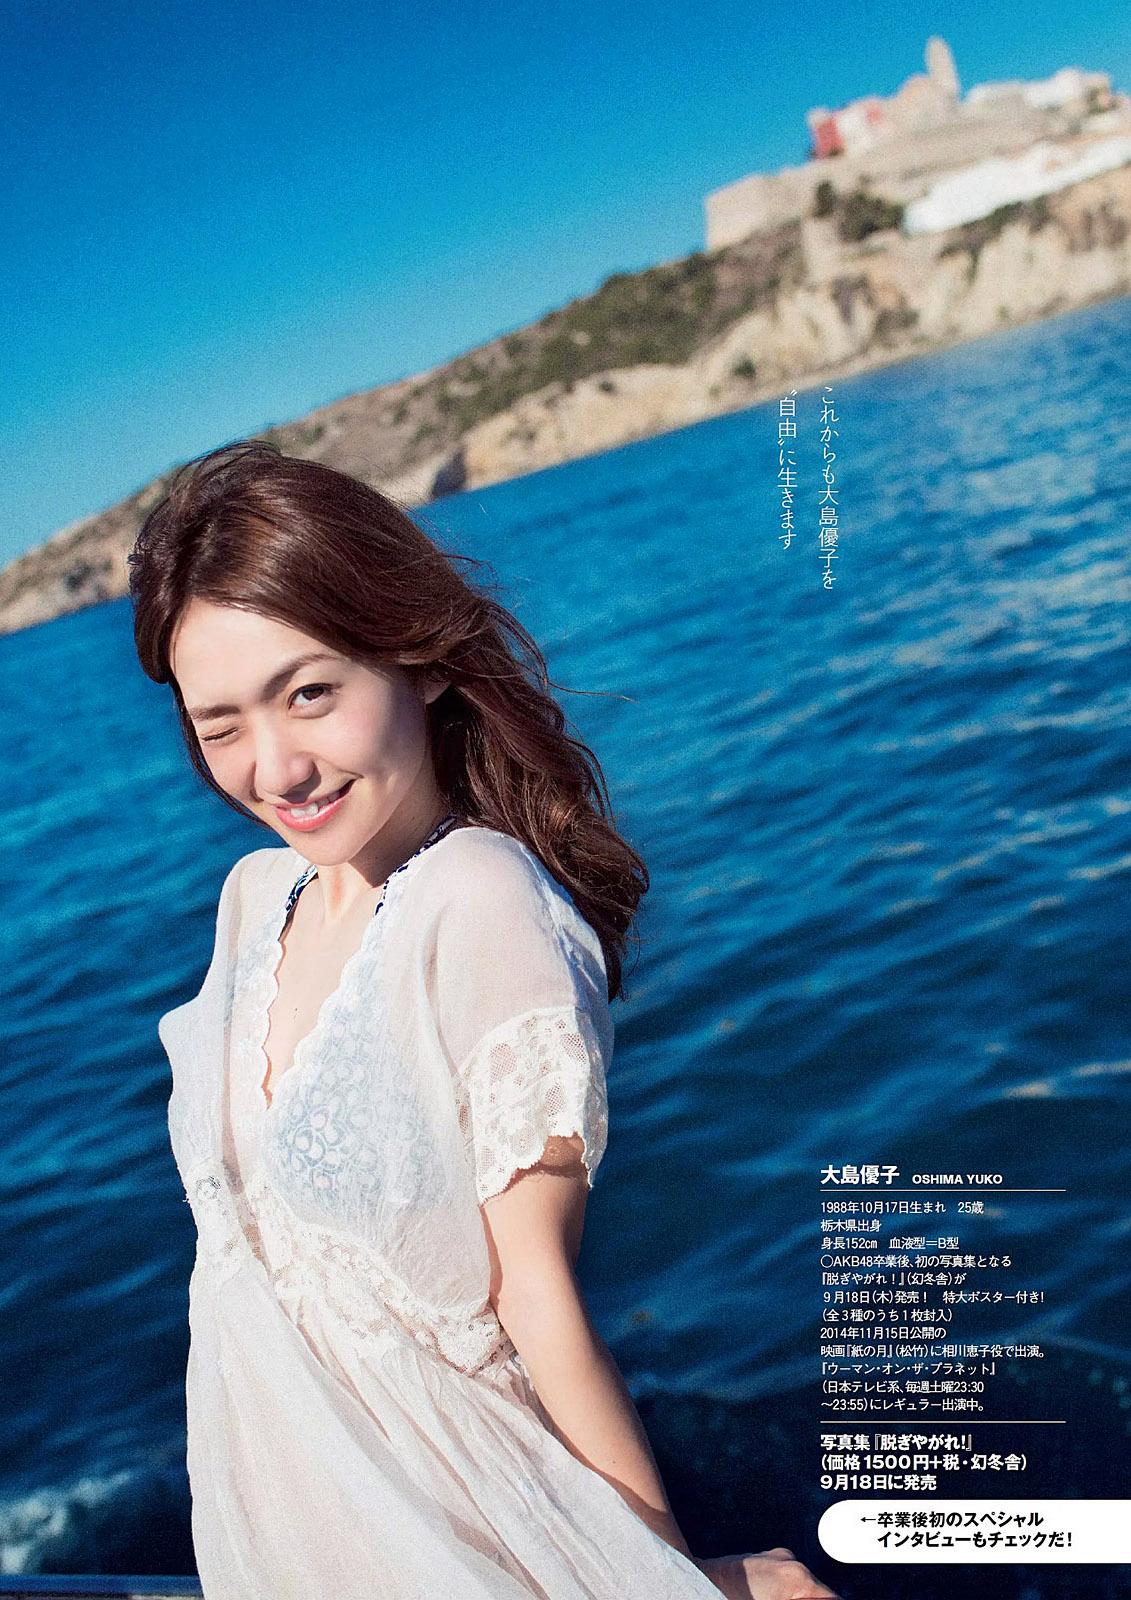 YOshima WPB 140922 07.jpg